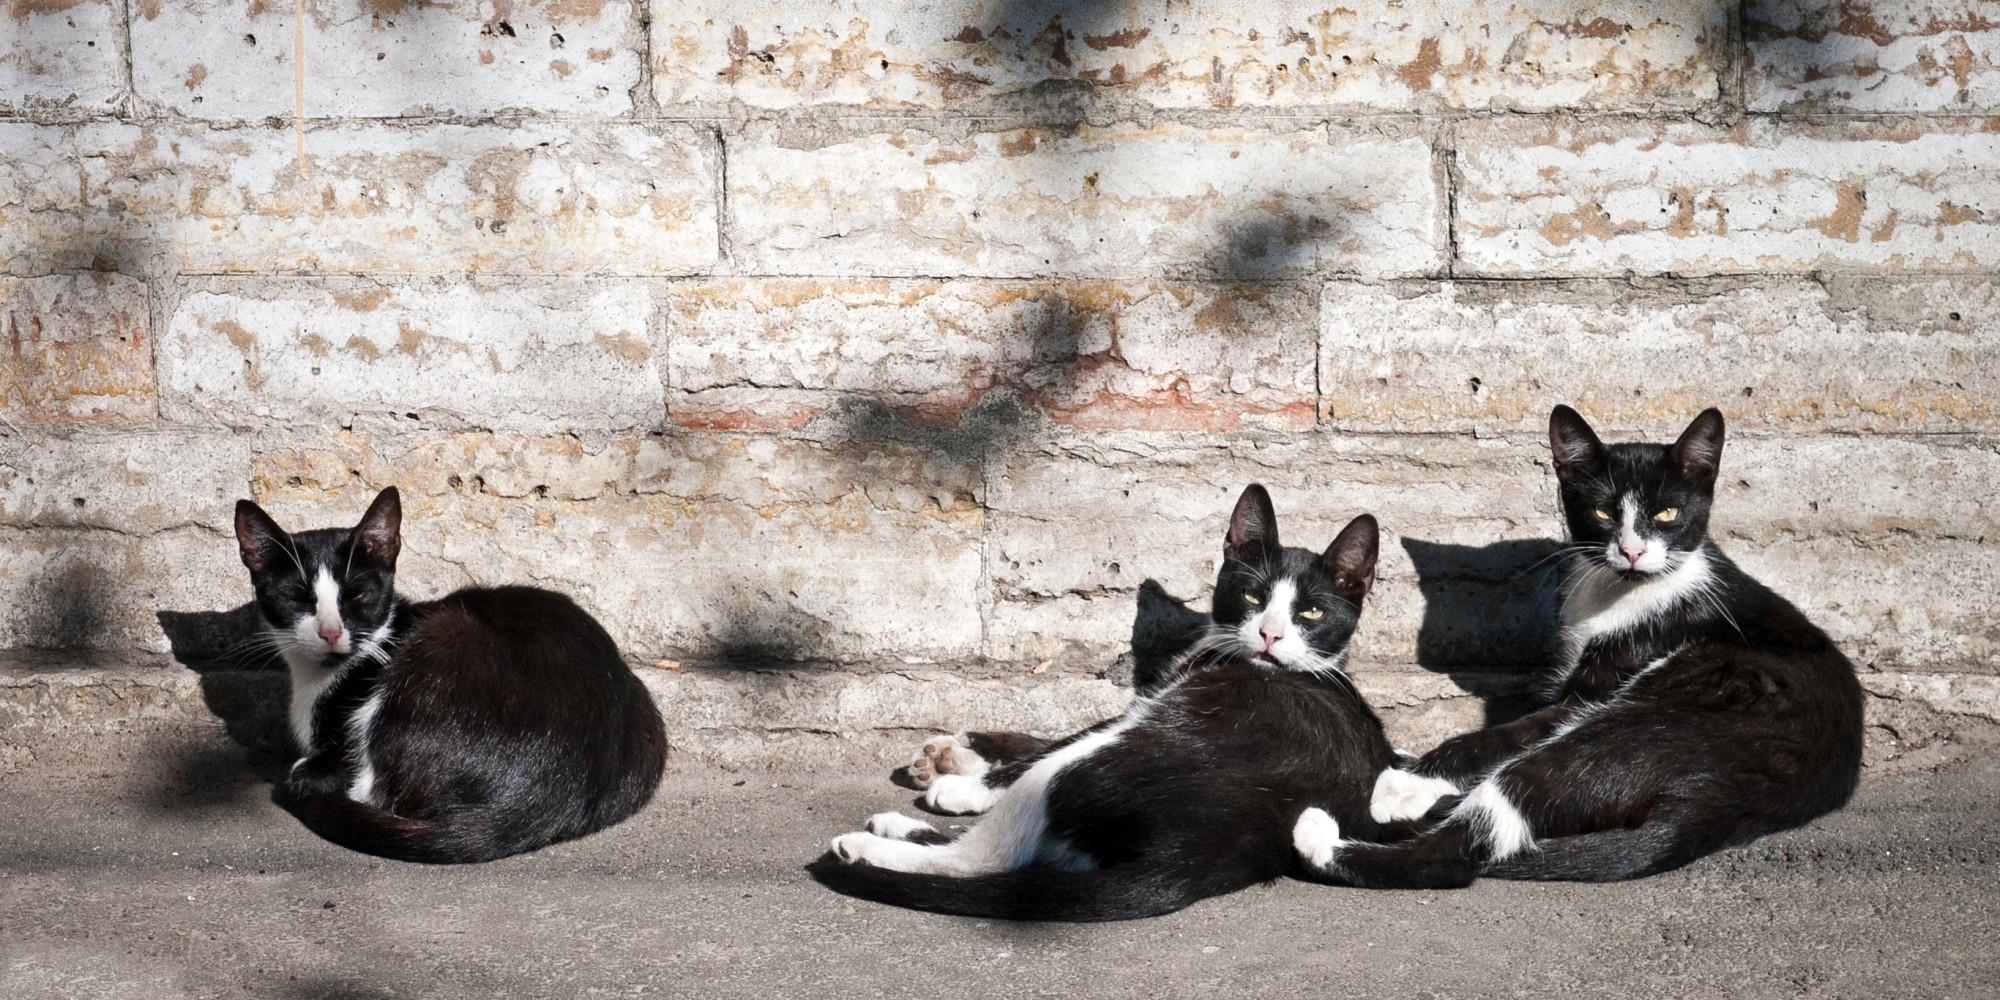 Bir sokak kedisi sahiplenmeniz için 5 harika neden